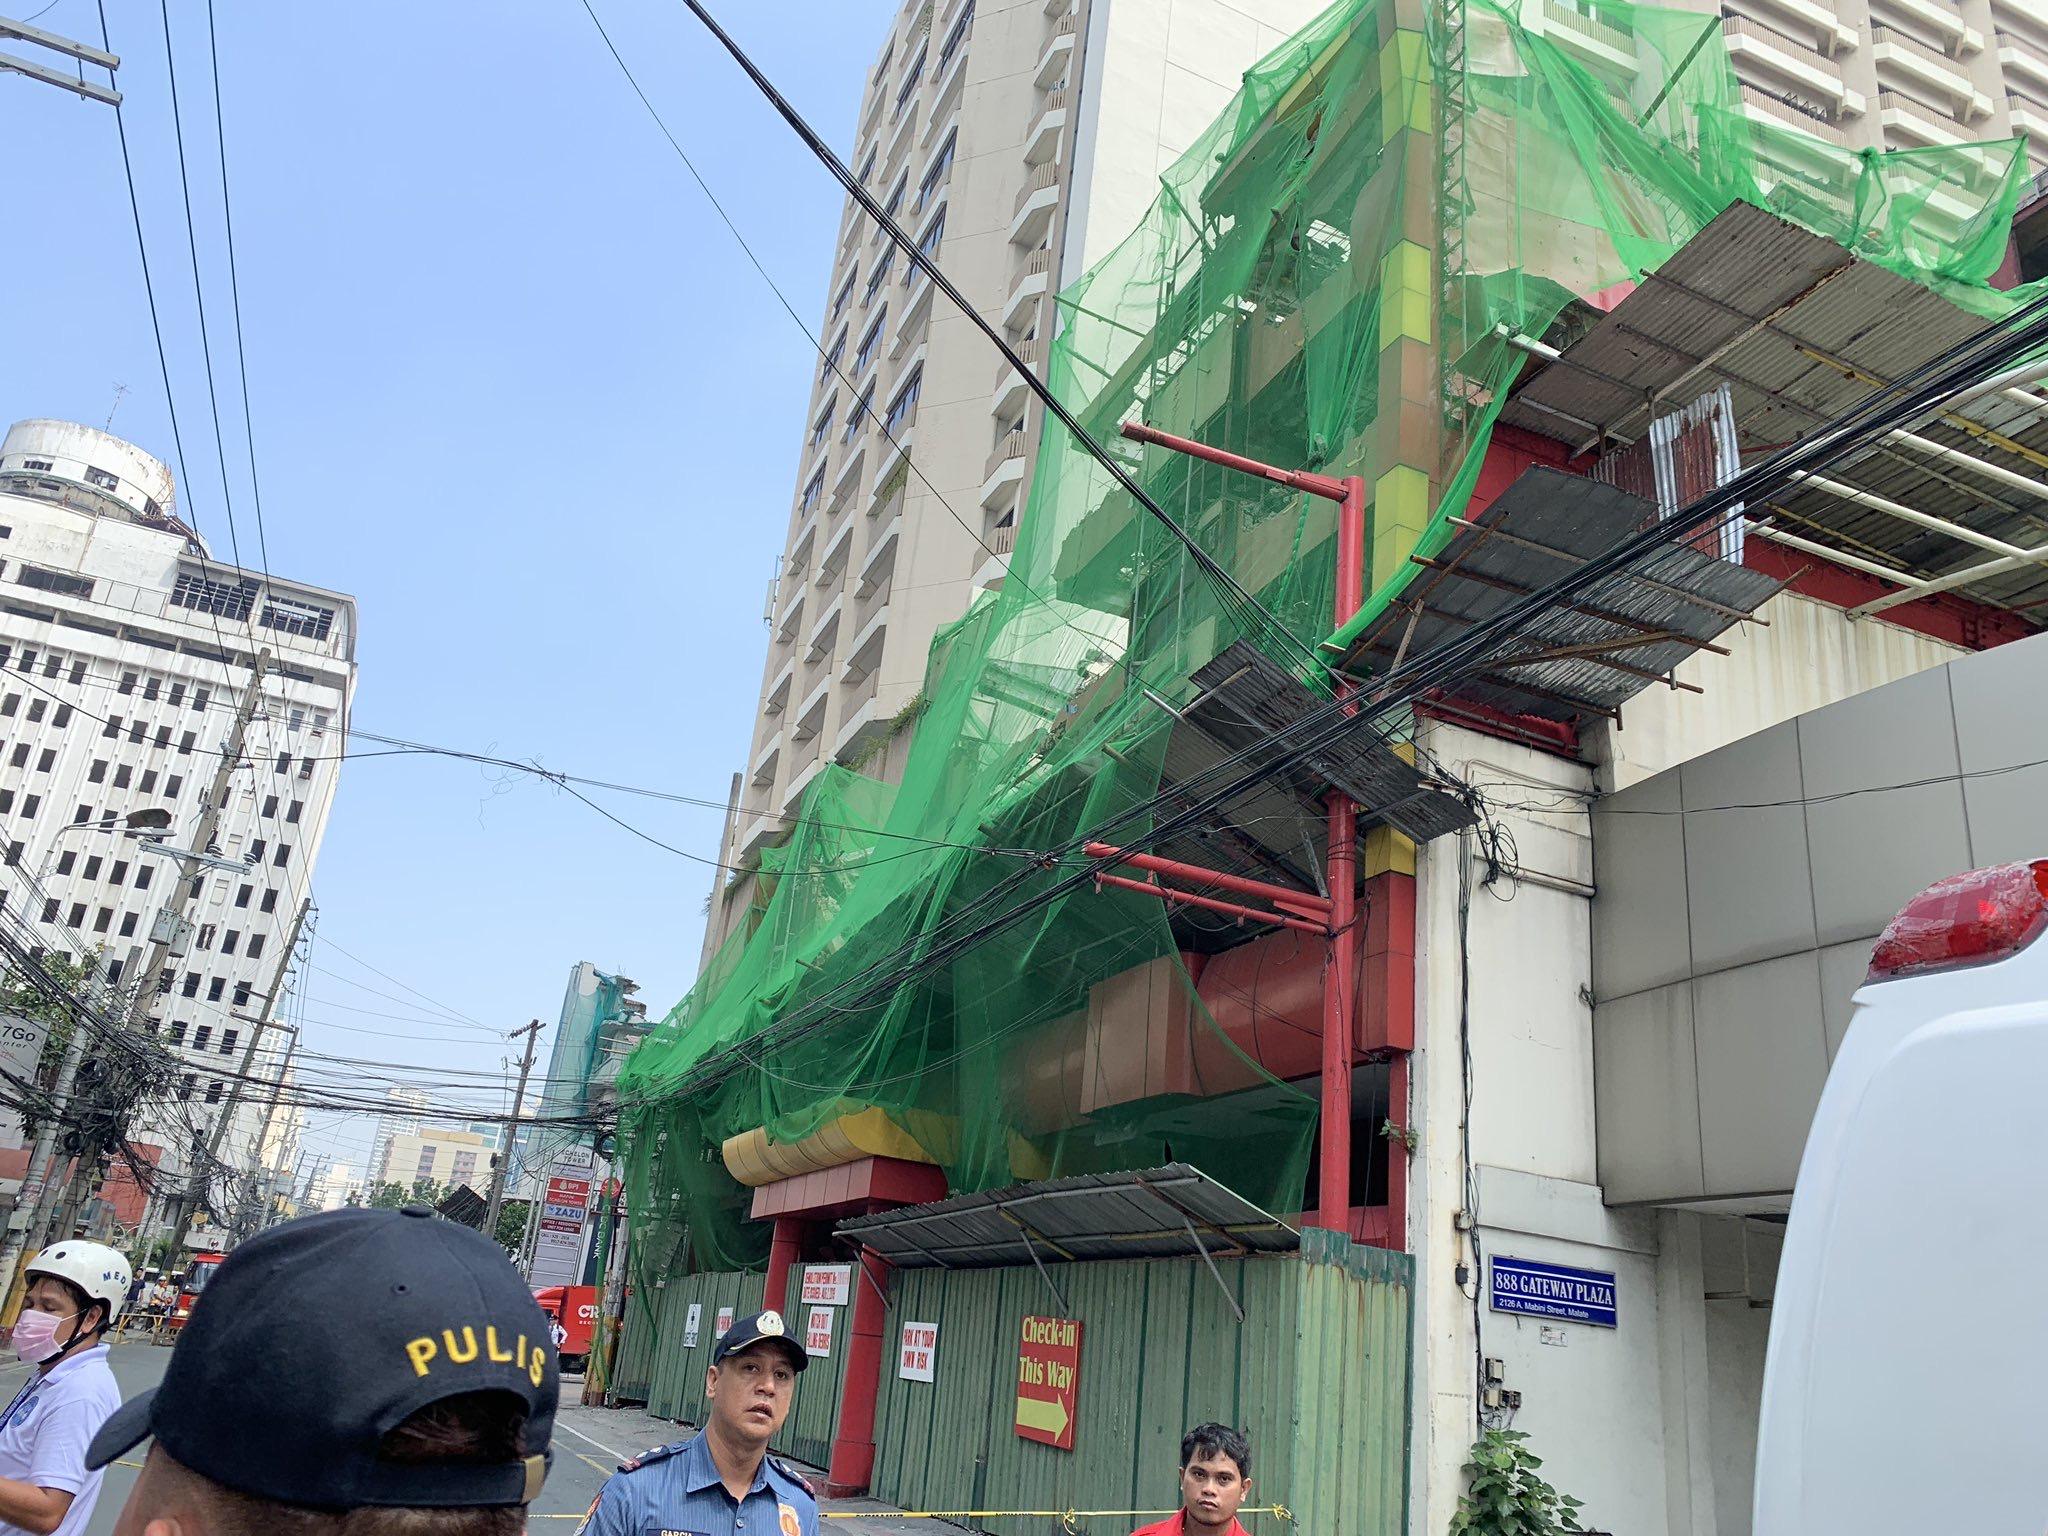 菲律宾一家汽车旅店坍塌 数人受伤2人掉踪